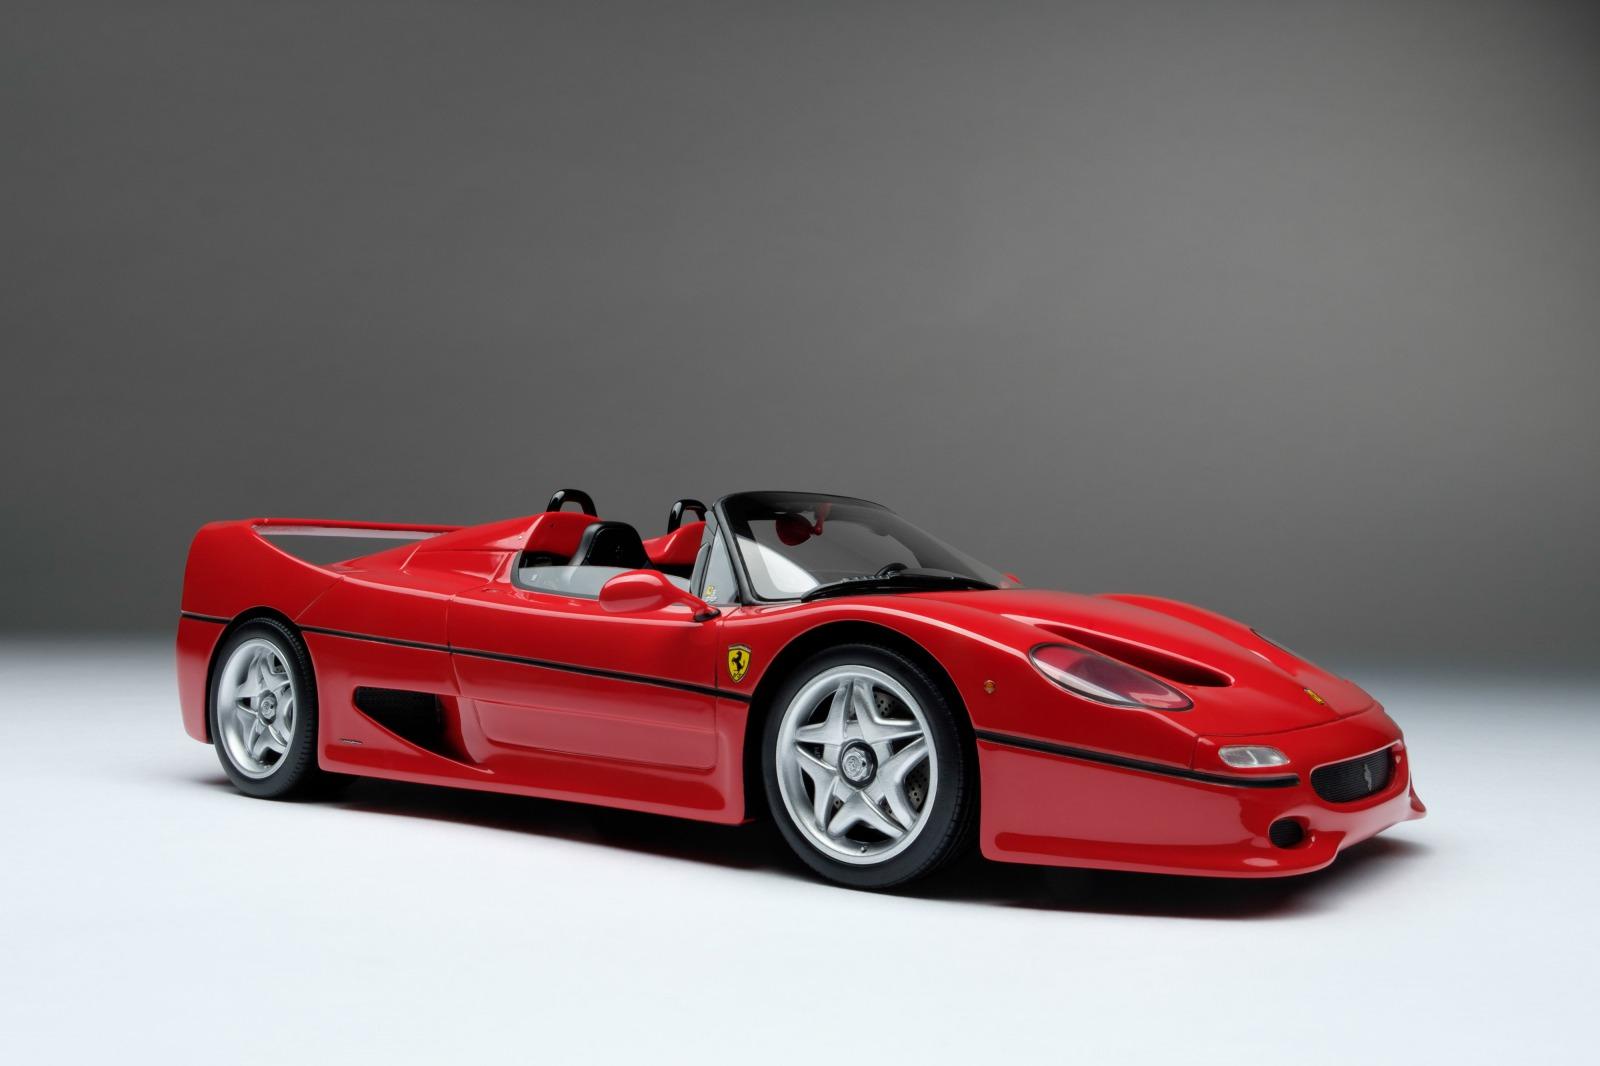 Amalgam Collection アマルガム・コレクション 1:18 1995年モデル フェラーリ F50 レッド1995 Ferrari F50 1/18 by Amalgam Collection